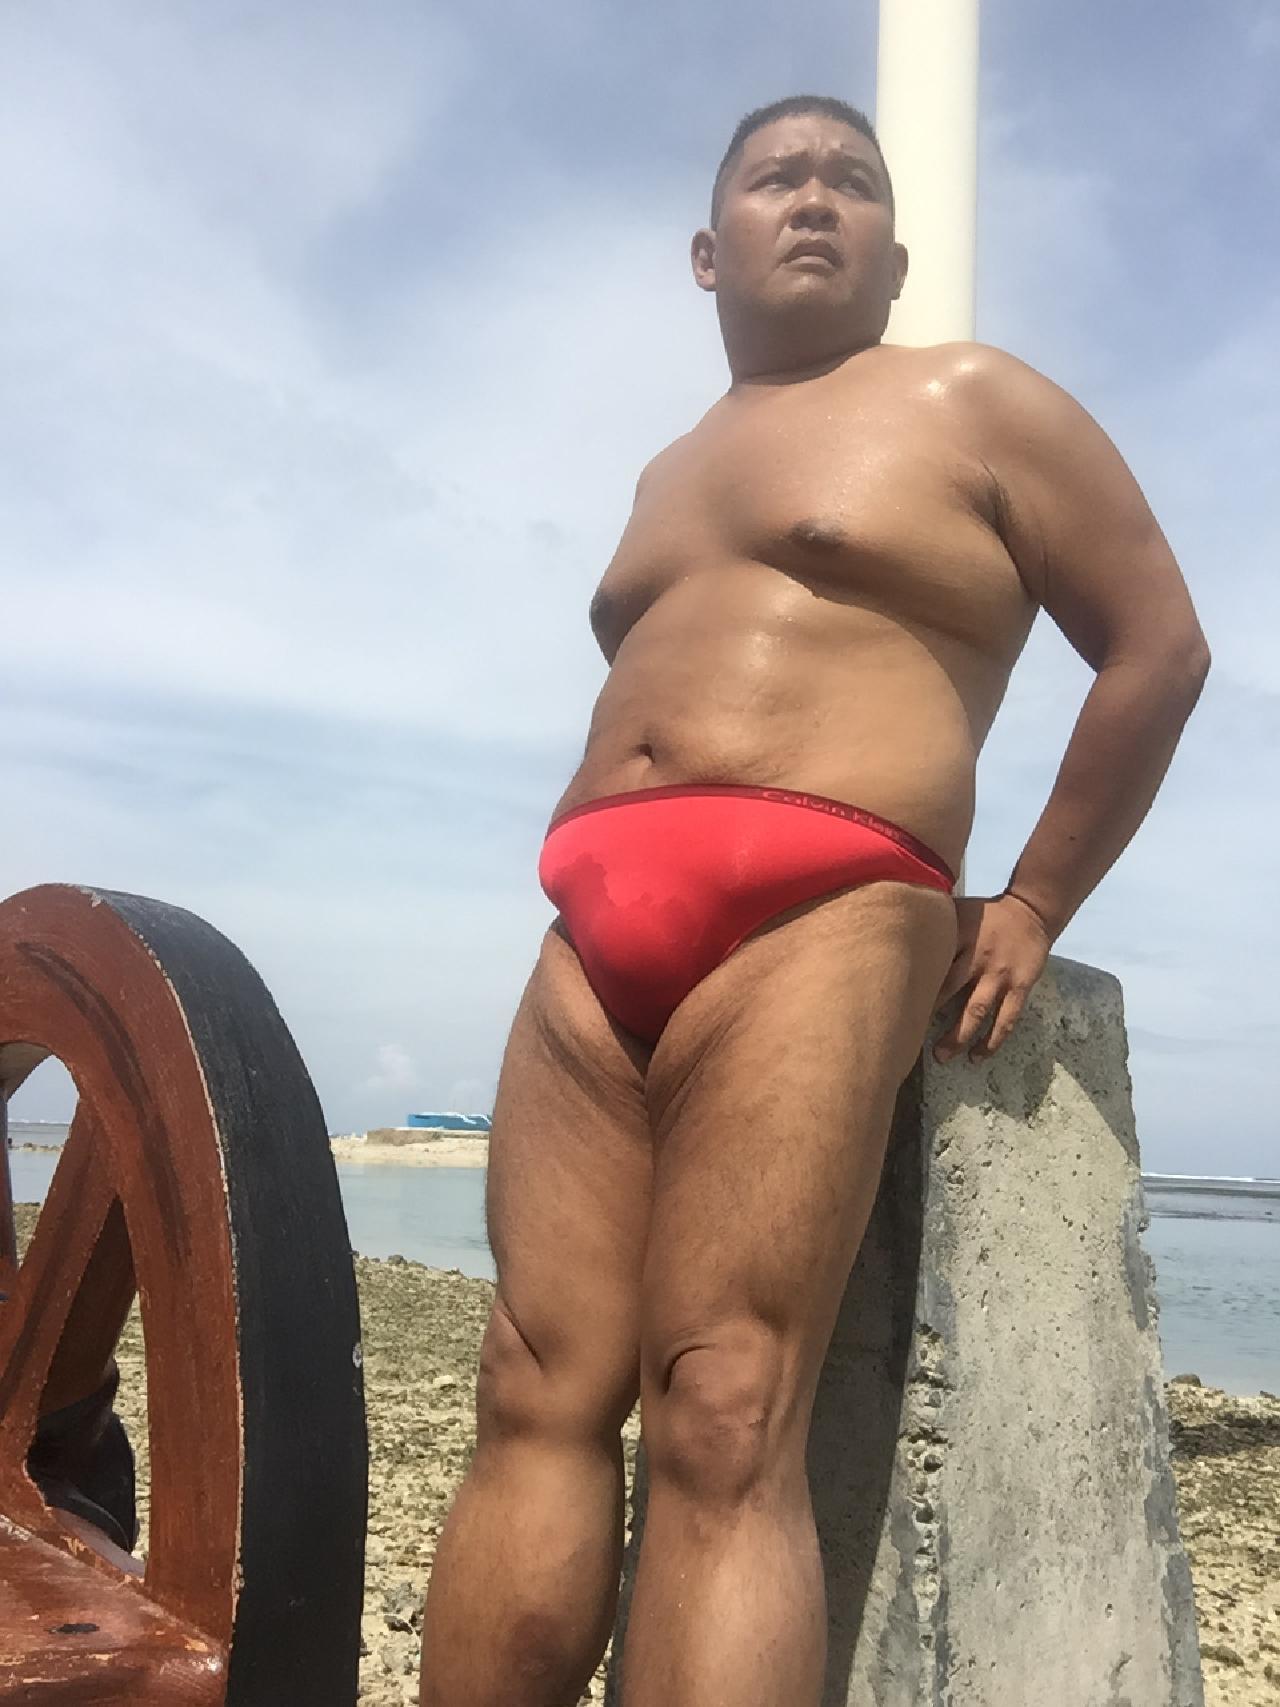 Bikini sun bather (180/218)